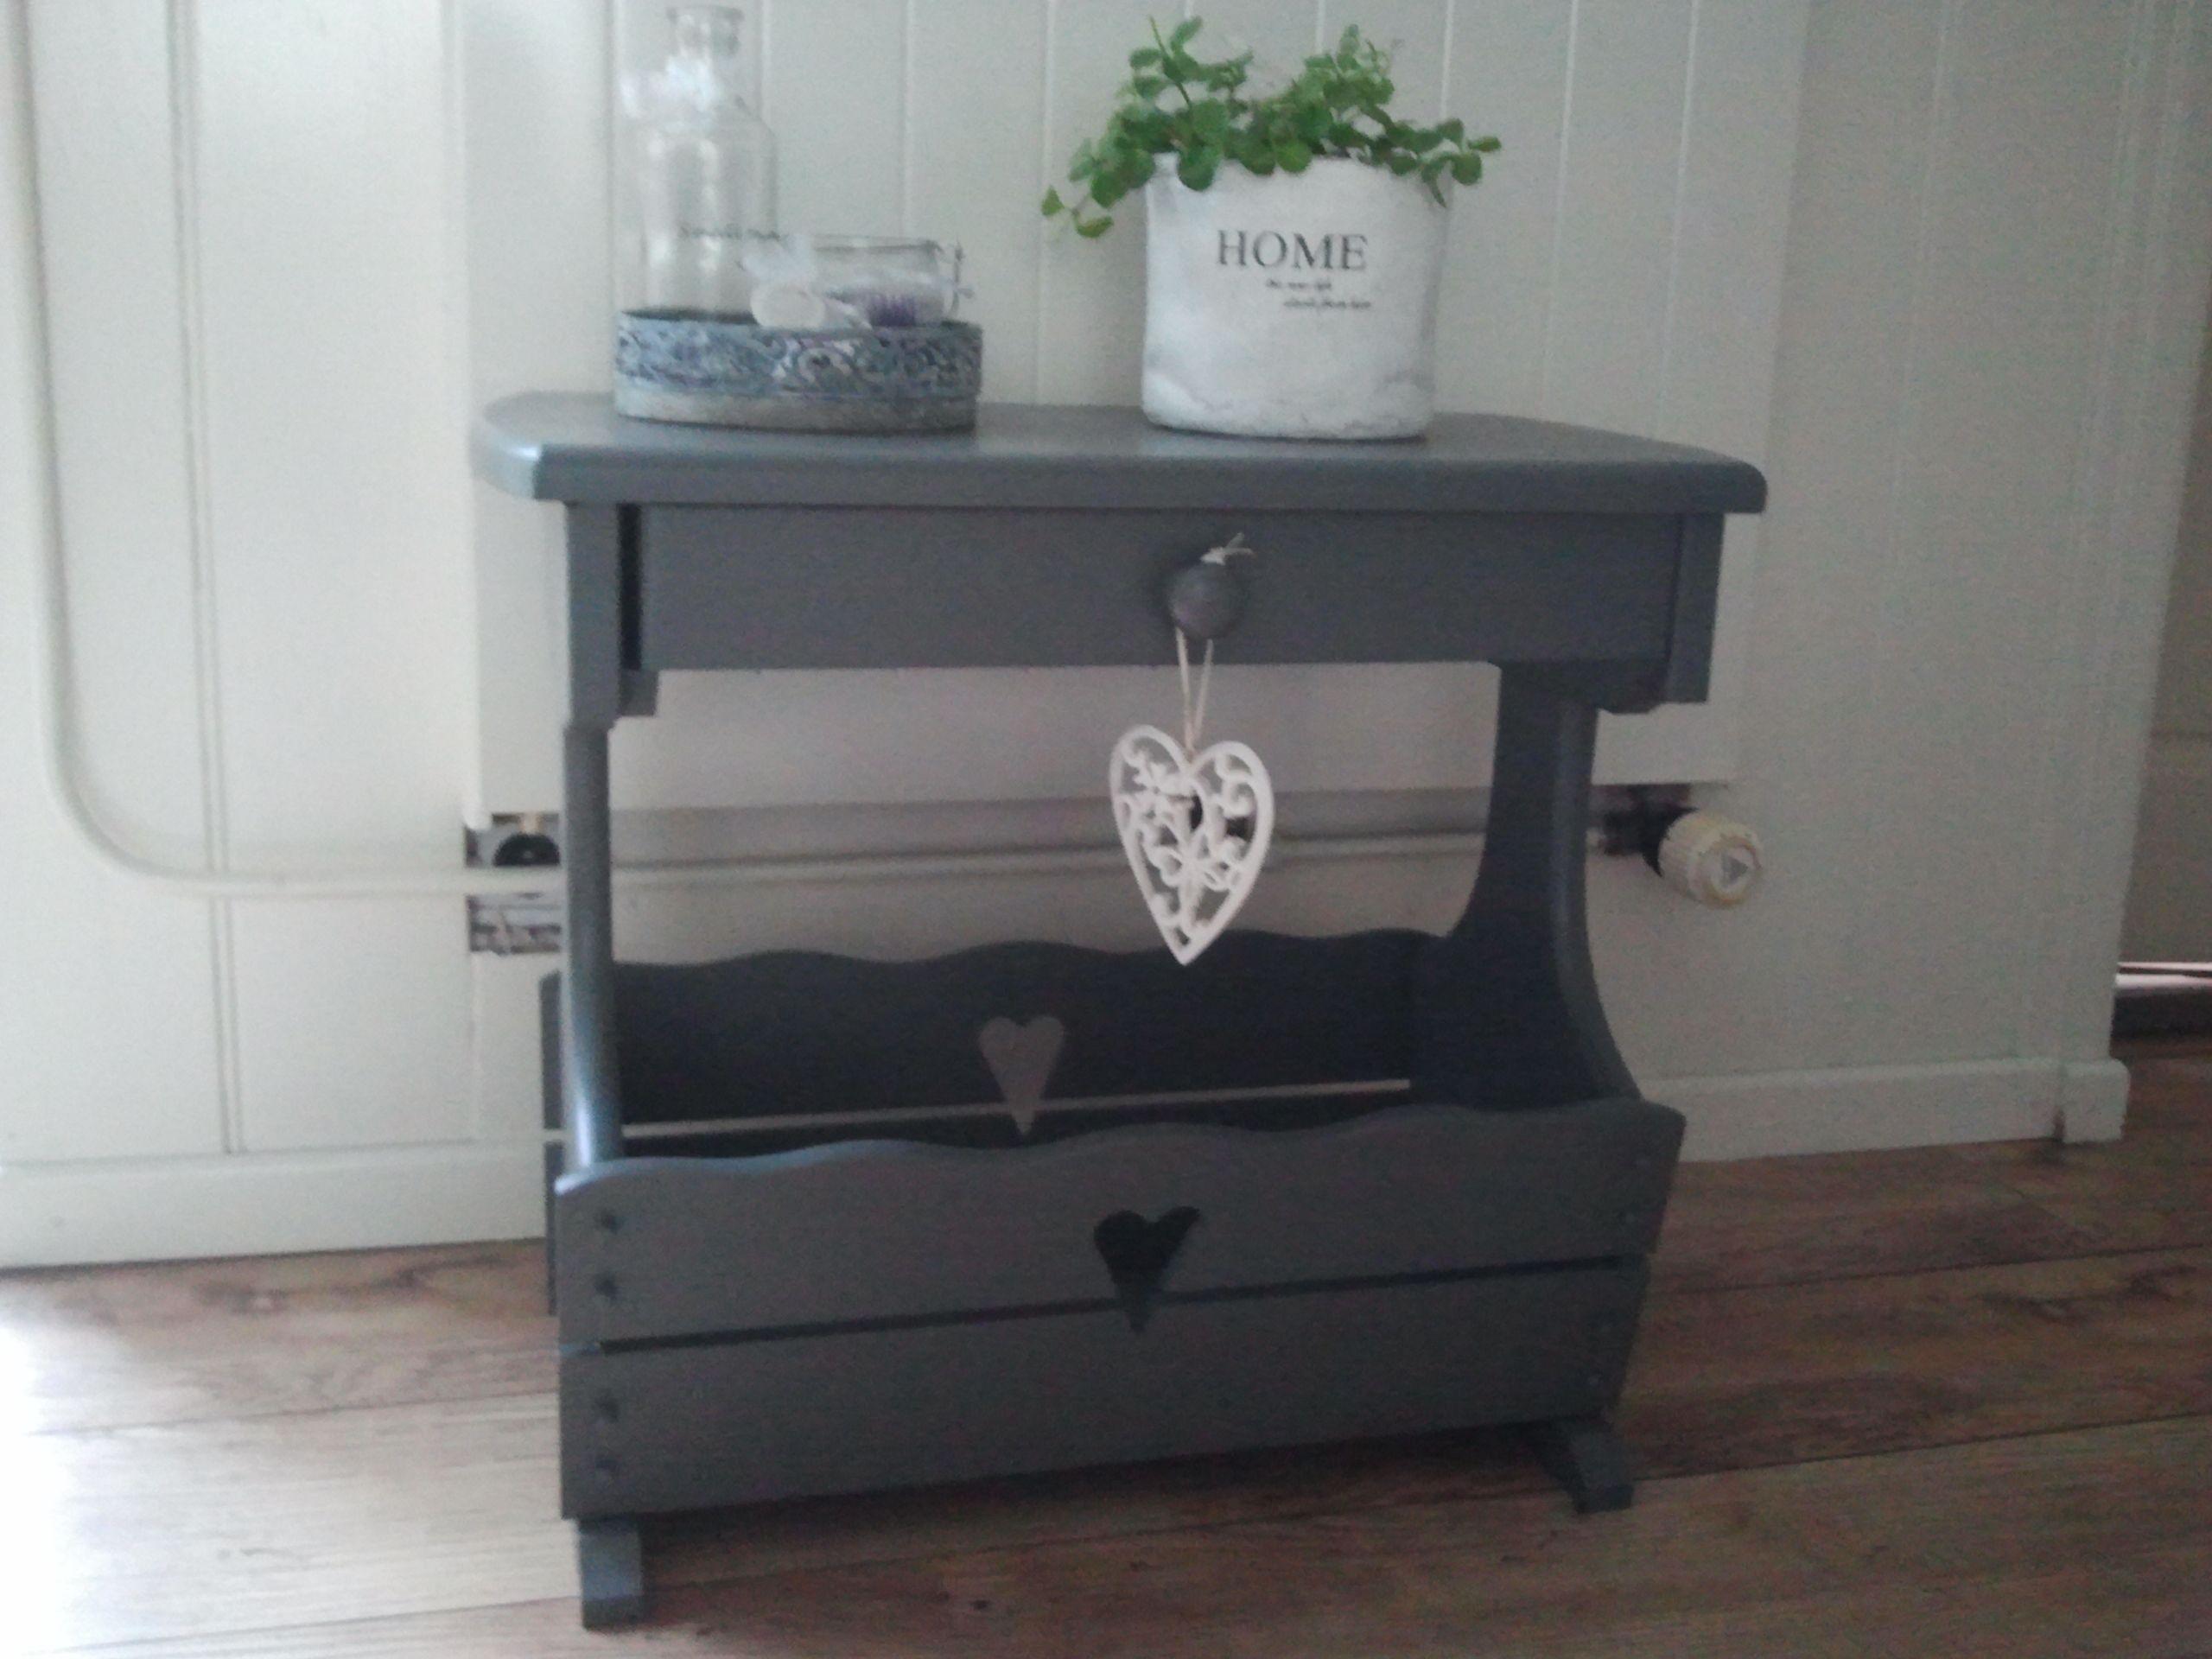 Oude krantenbak geverfd woonaccessoires pinterest meubels kasten en tv - Oude griekse decoratie ...